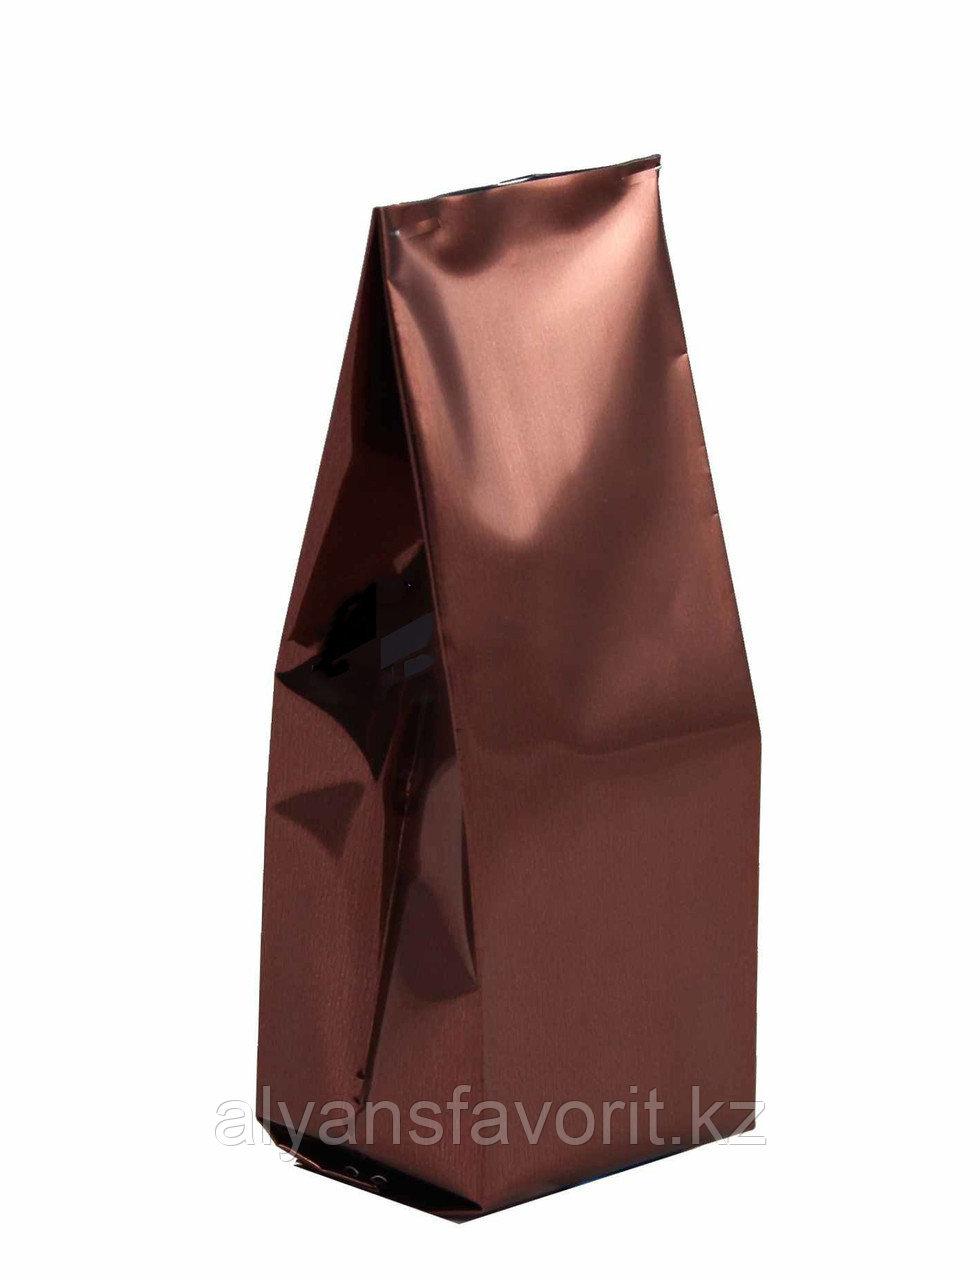 Пакет дой пак металлизированный коричневый глянцевый с центральным швом (двухшовный)